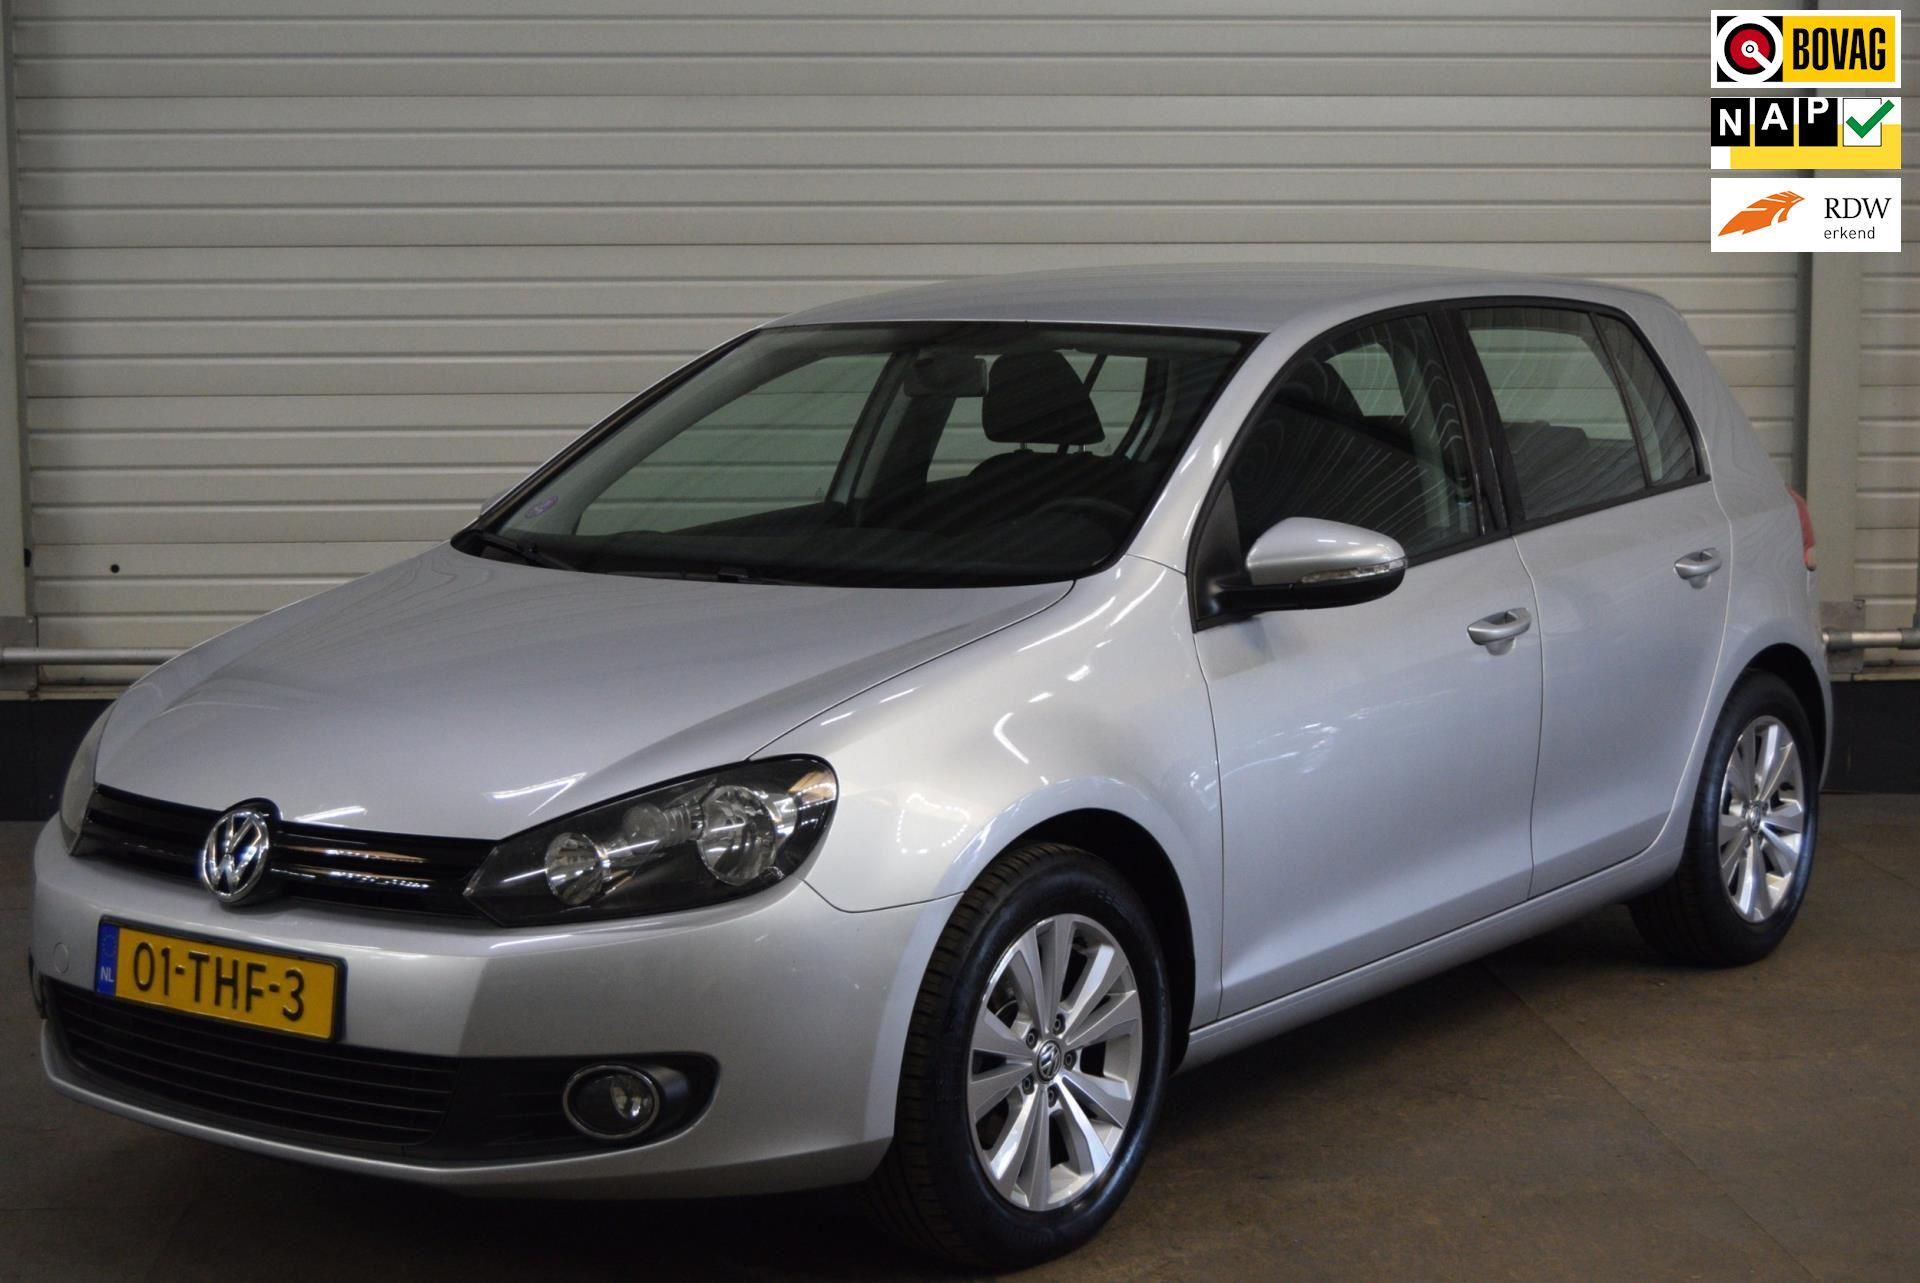 Volkswagen Golf occasion - Autobedrijf van de Werken bv